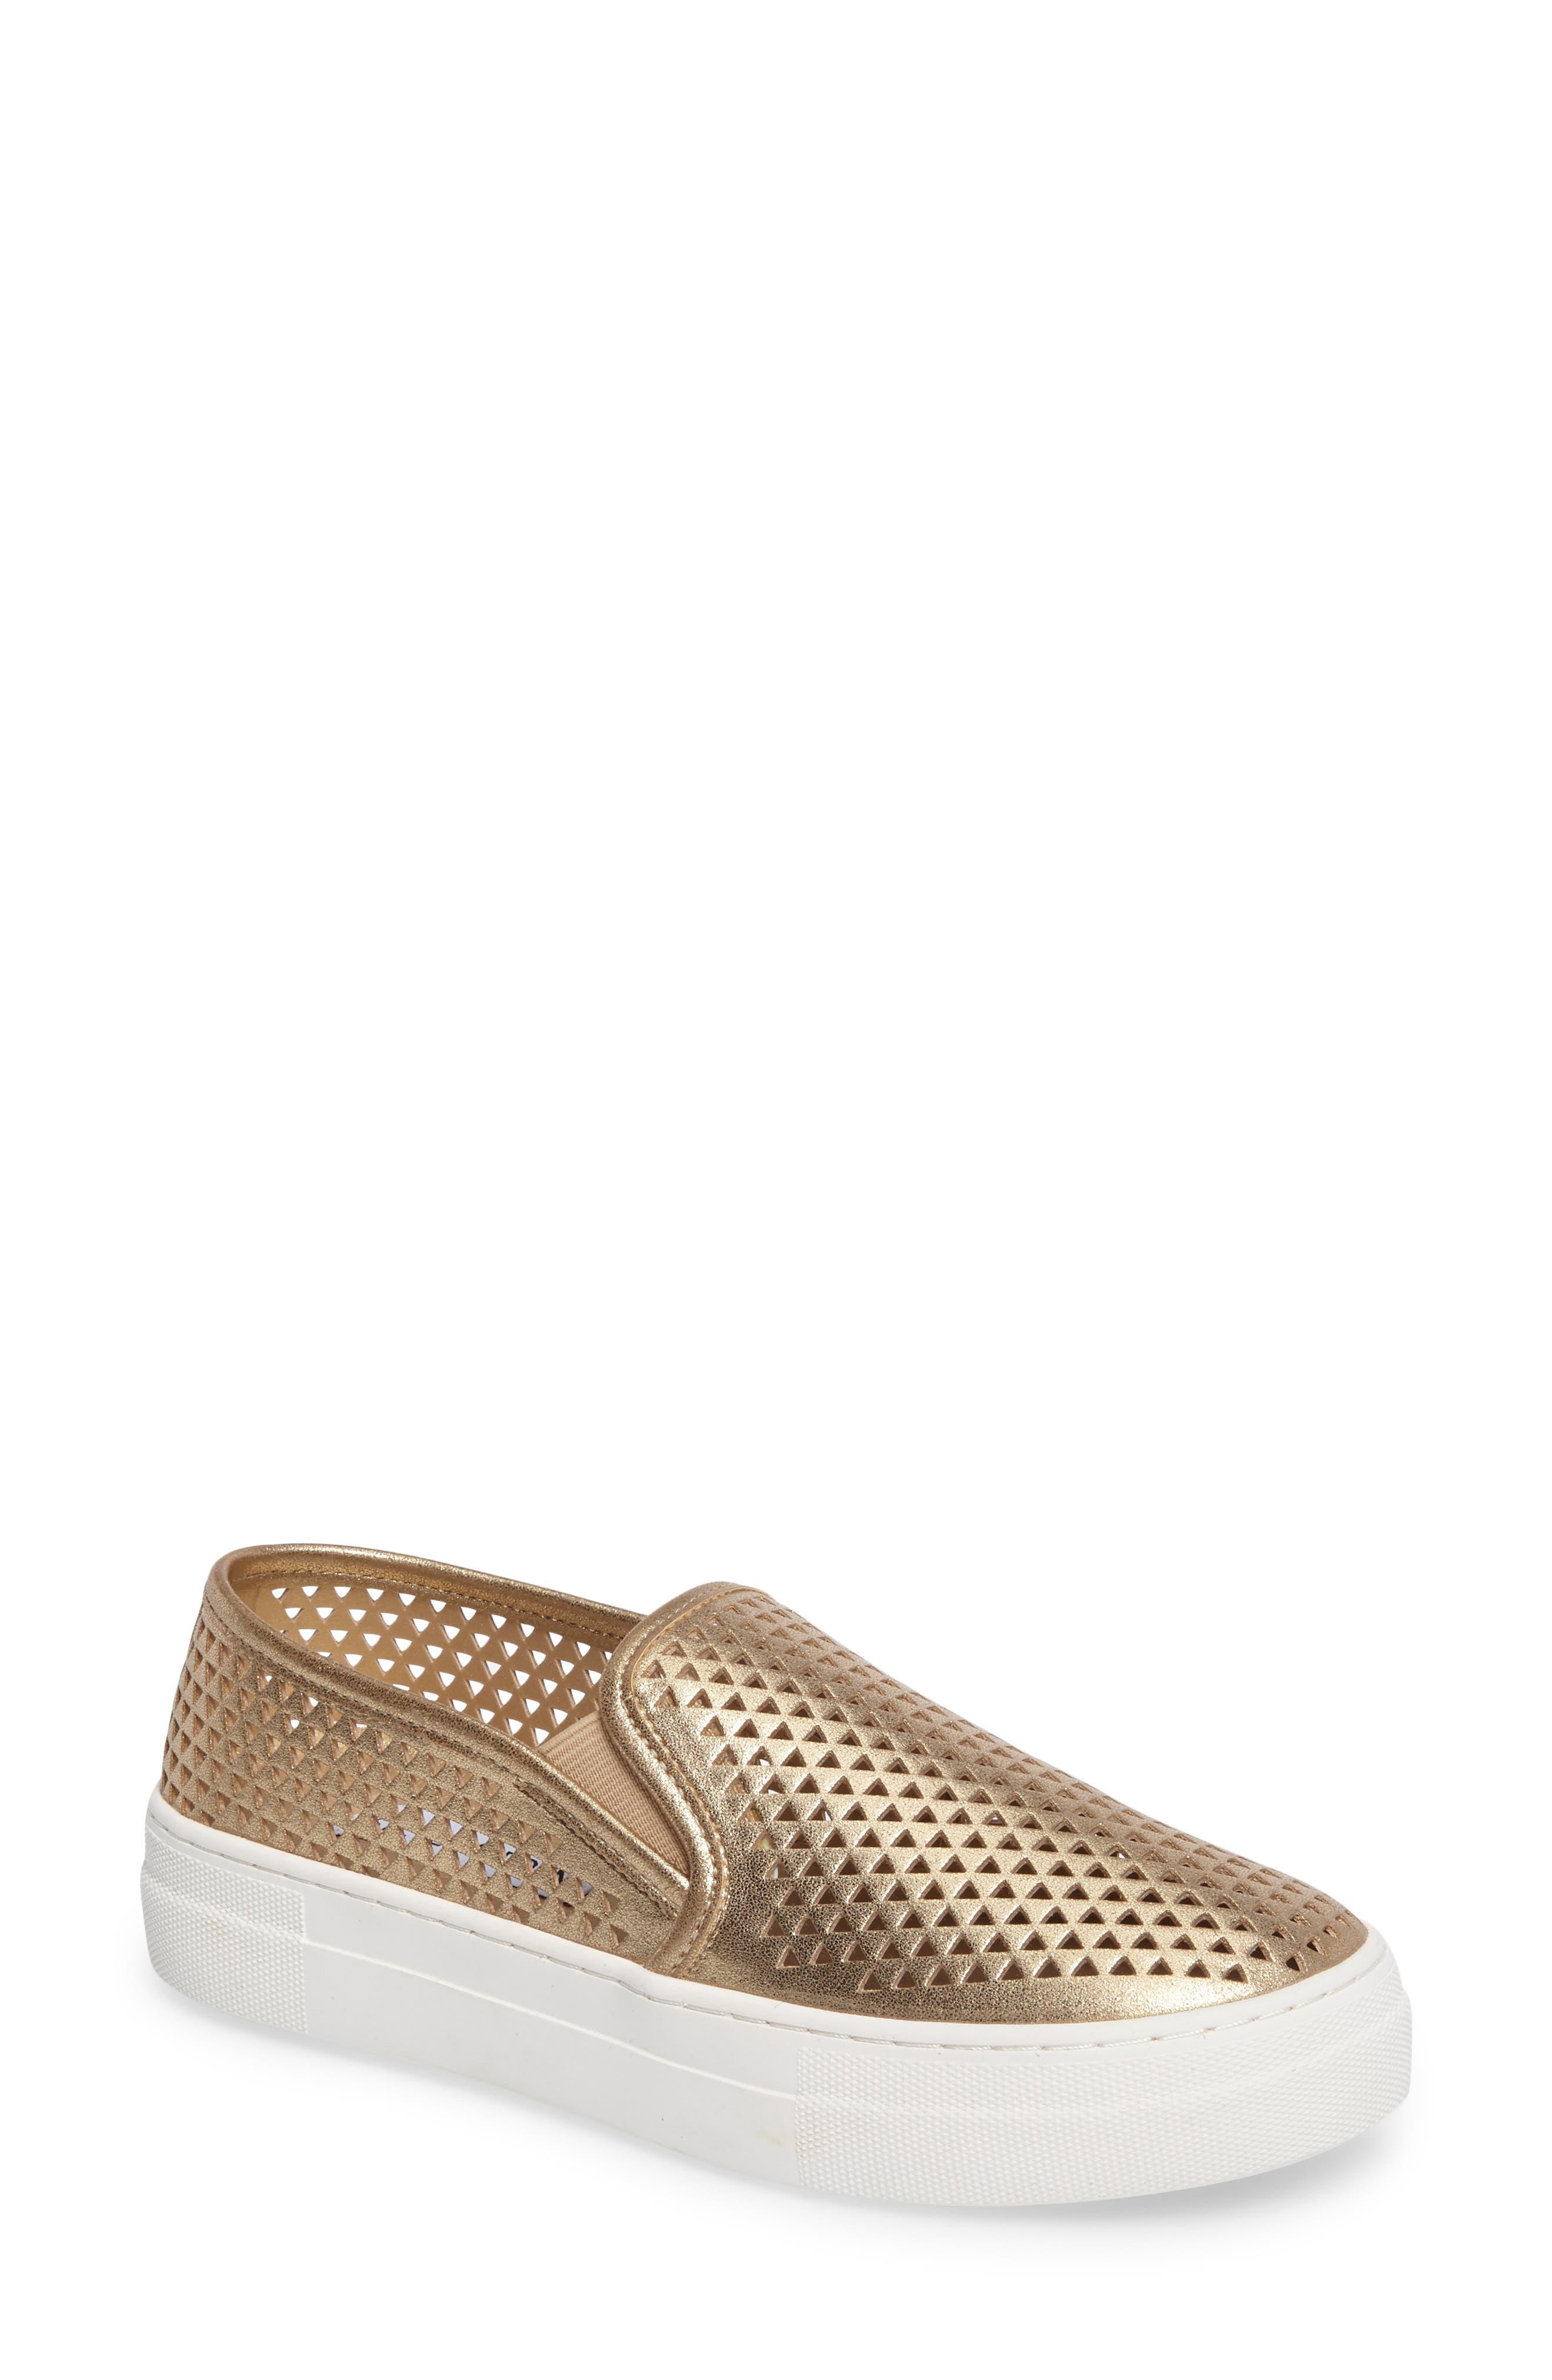 STEVE MADDEN Gills Perforated Slip-On Sneaker